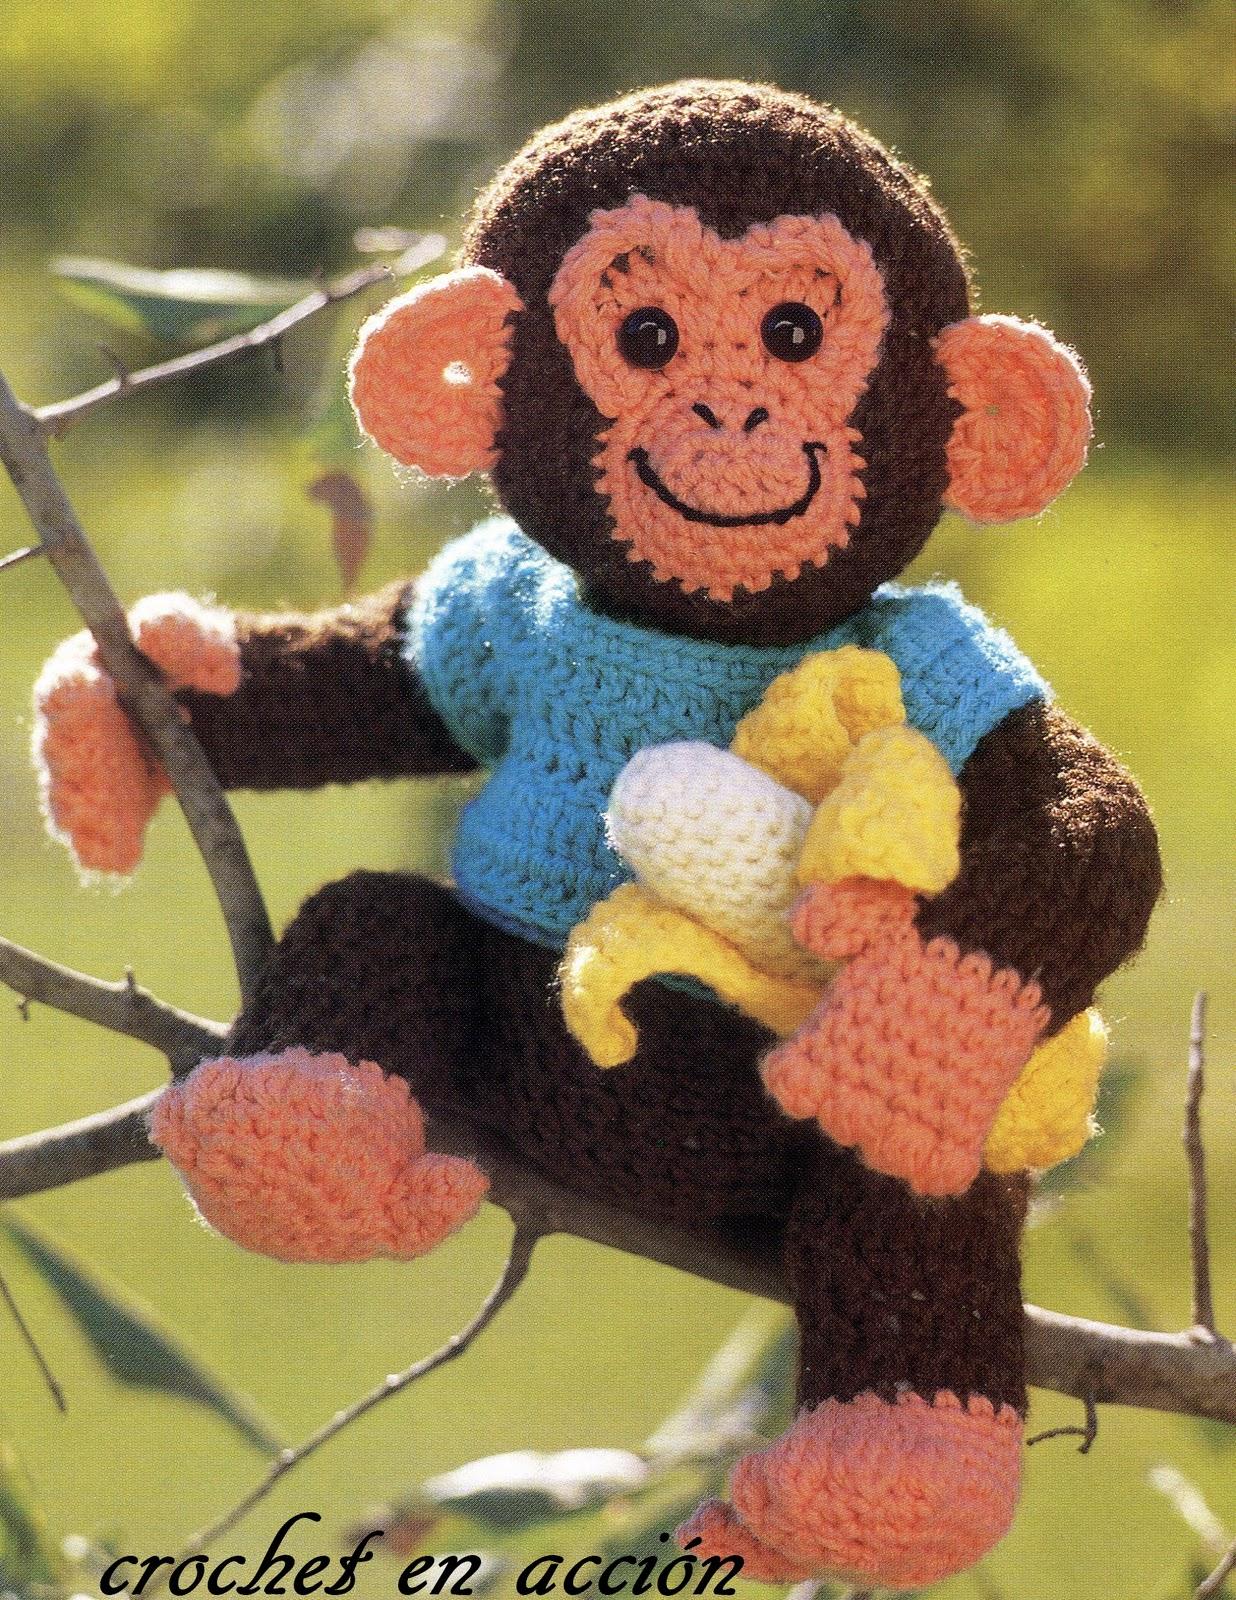 Crochet En Accion: Semana de la fauna: mam?feros y........